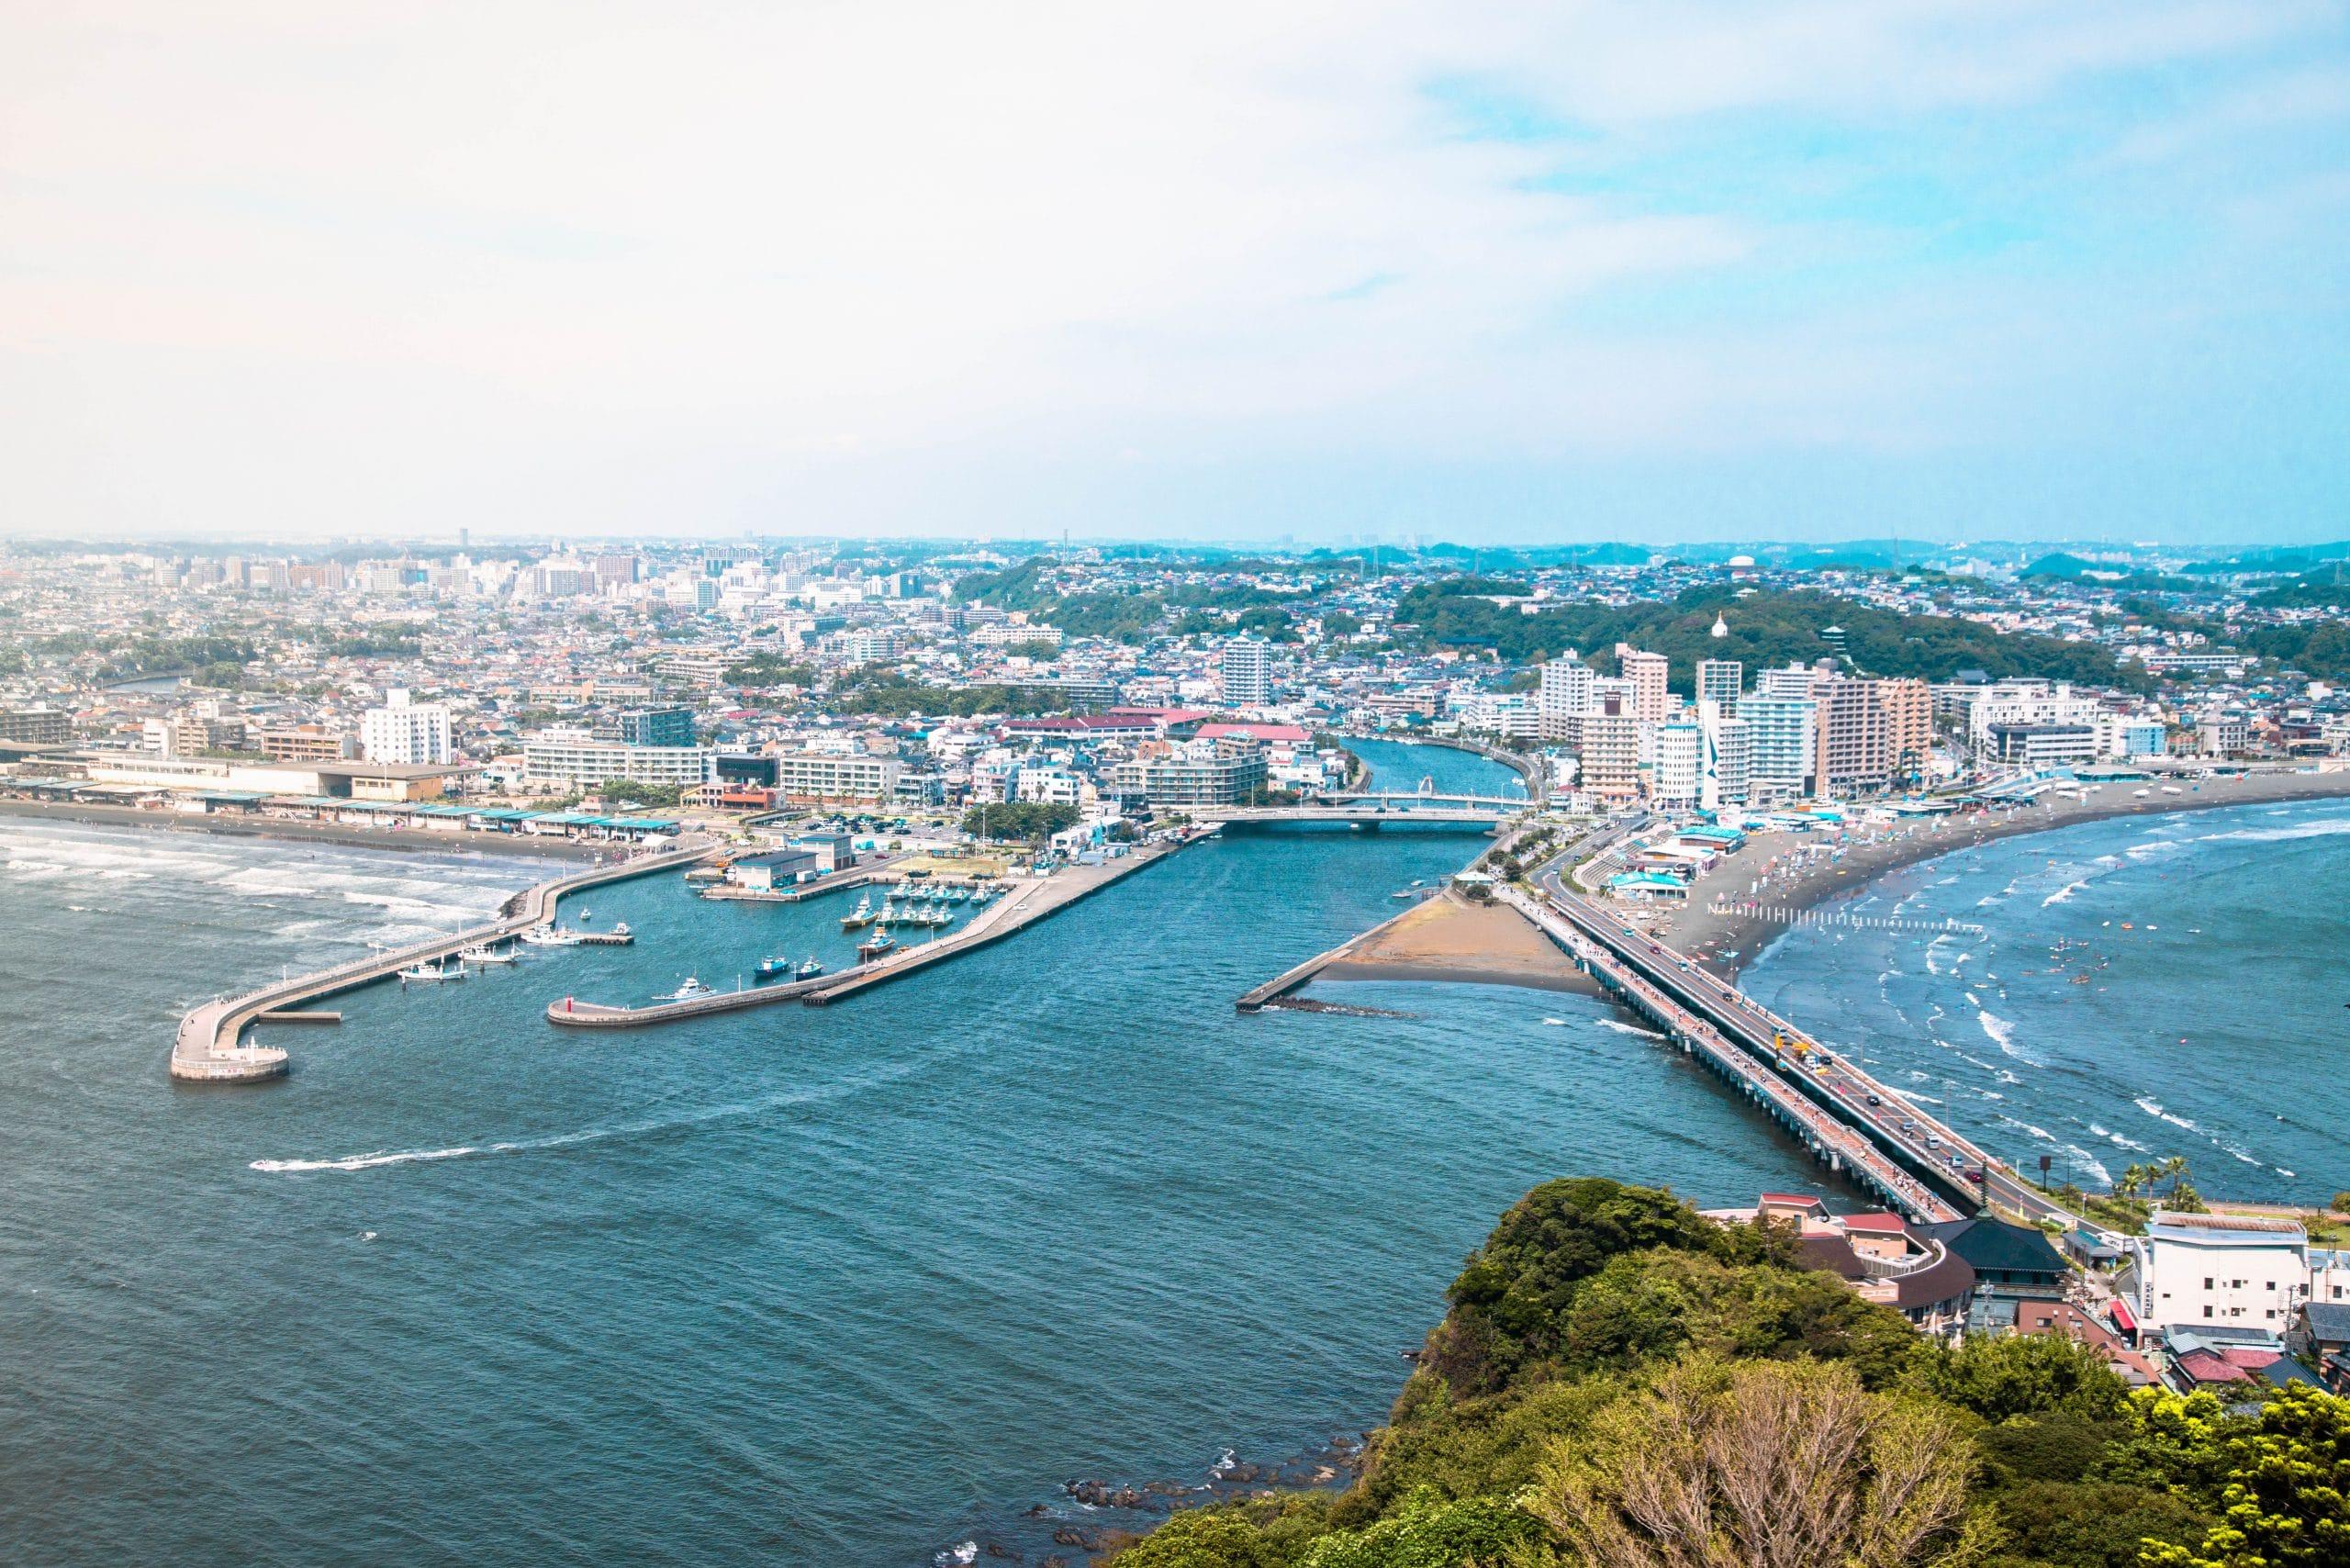 Blick auf das olympische Segelrevier Enoshima. Foto: Alex Smith